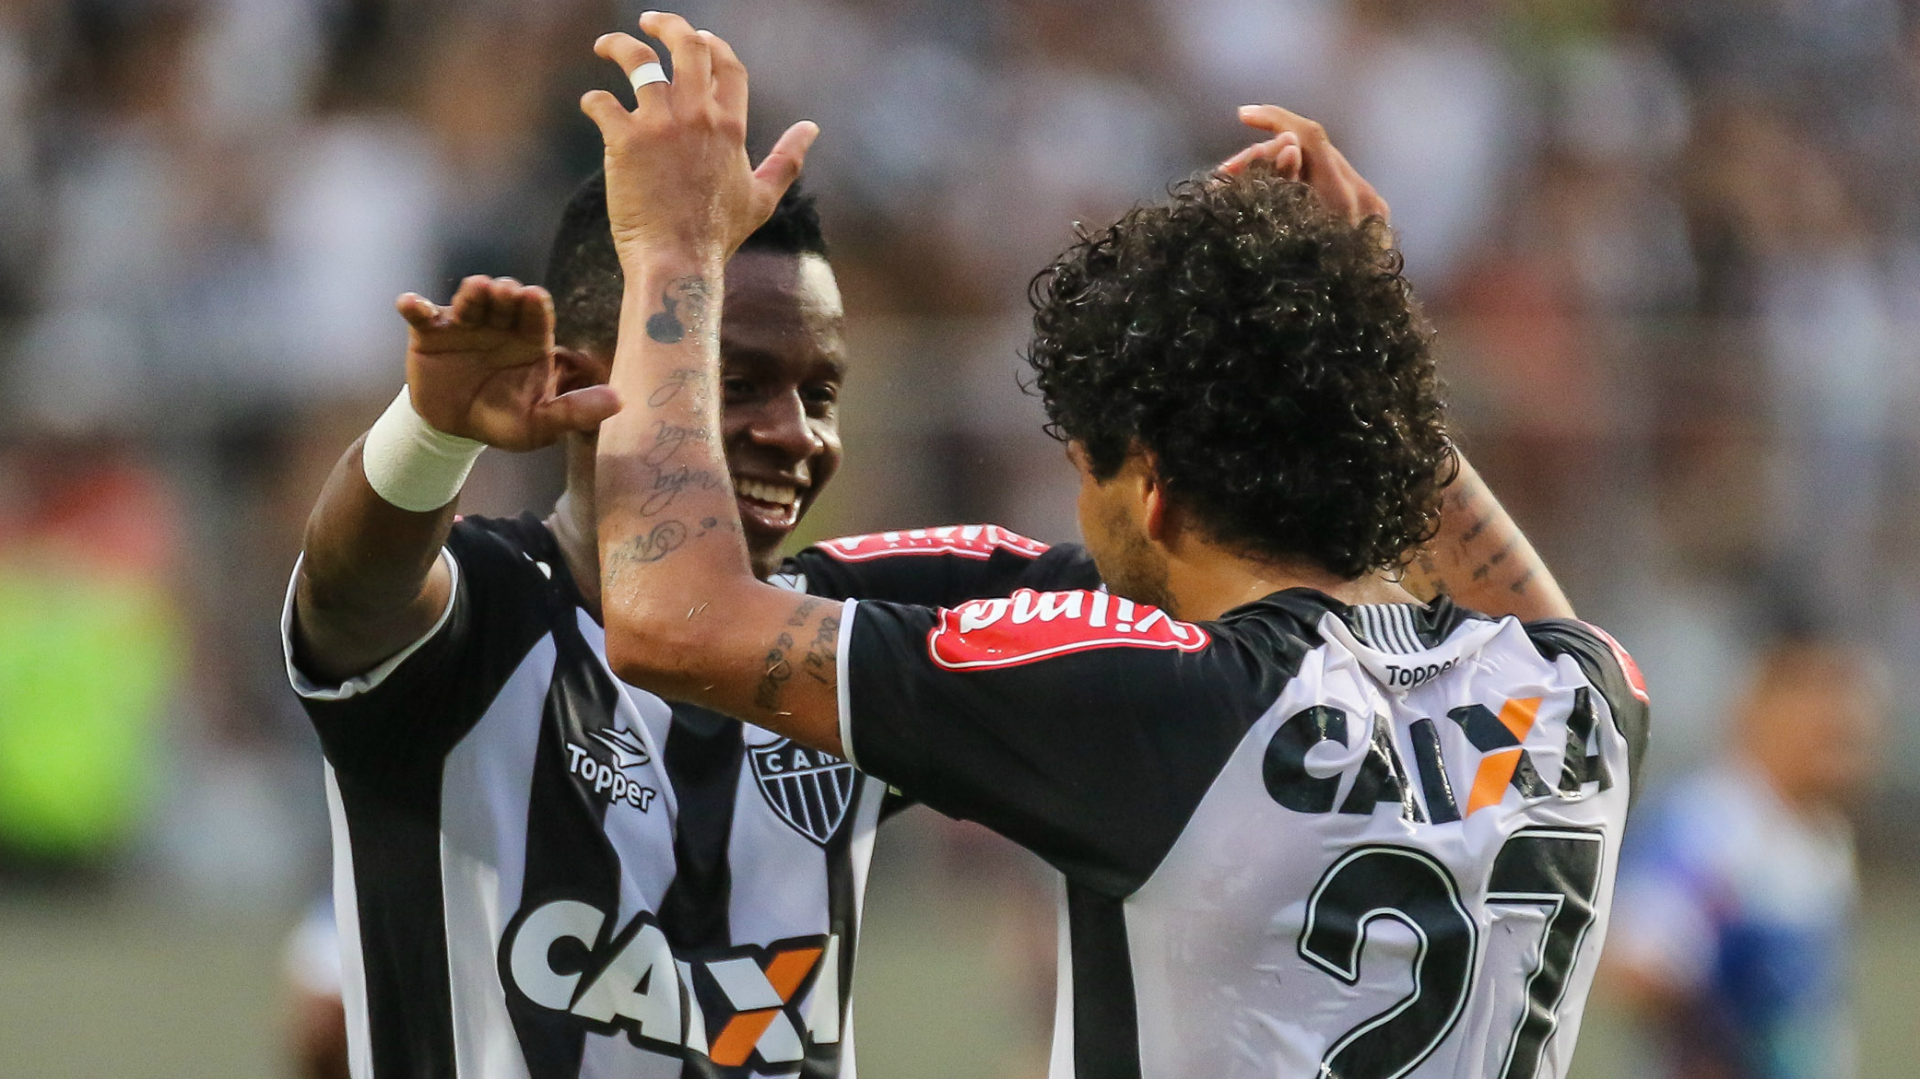 Luan Éder Aleixo Juan Cazares Ronaldinho Atlético-MG URT Campeonato Mineiro 26032017